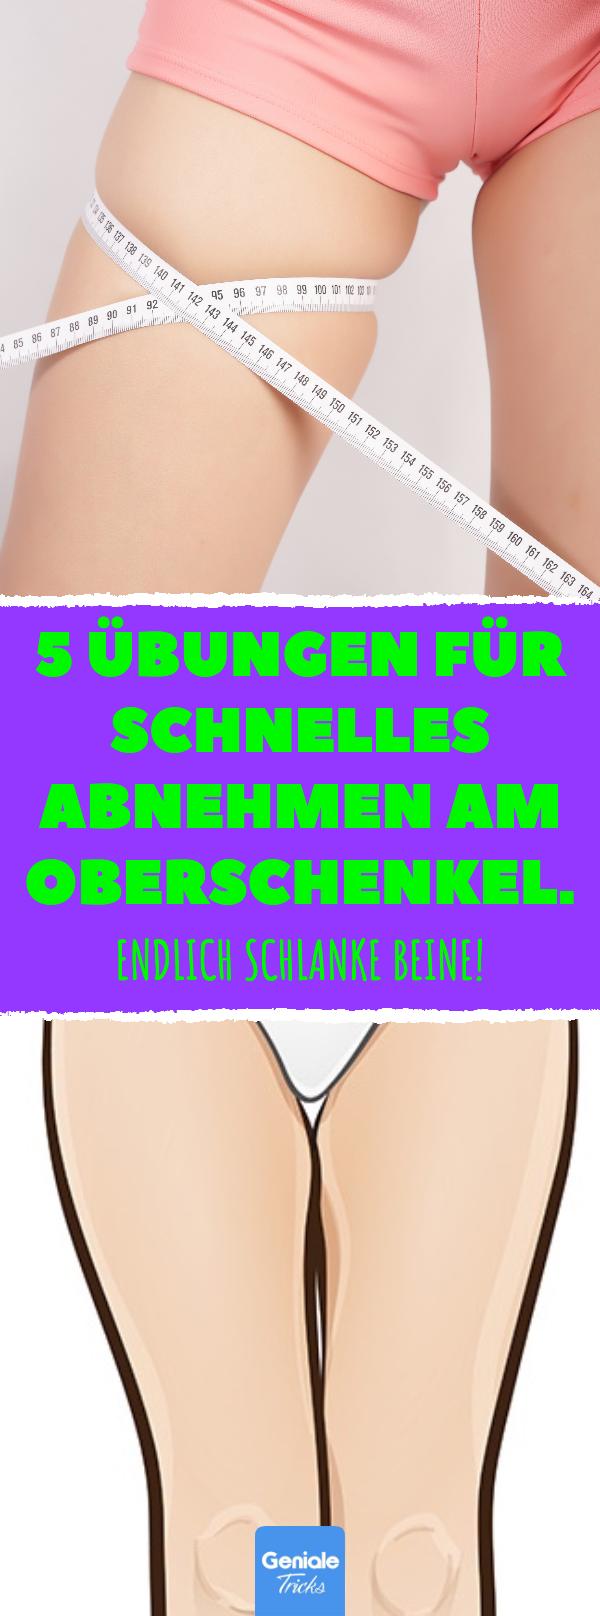 5 Übungen für schlankere Oberschenkel in einer Woche 5 Übungen für schlankere Oberschenkel in einer Woche